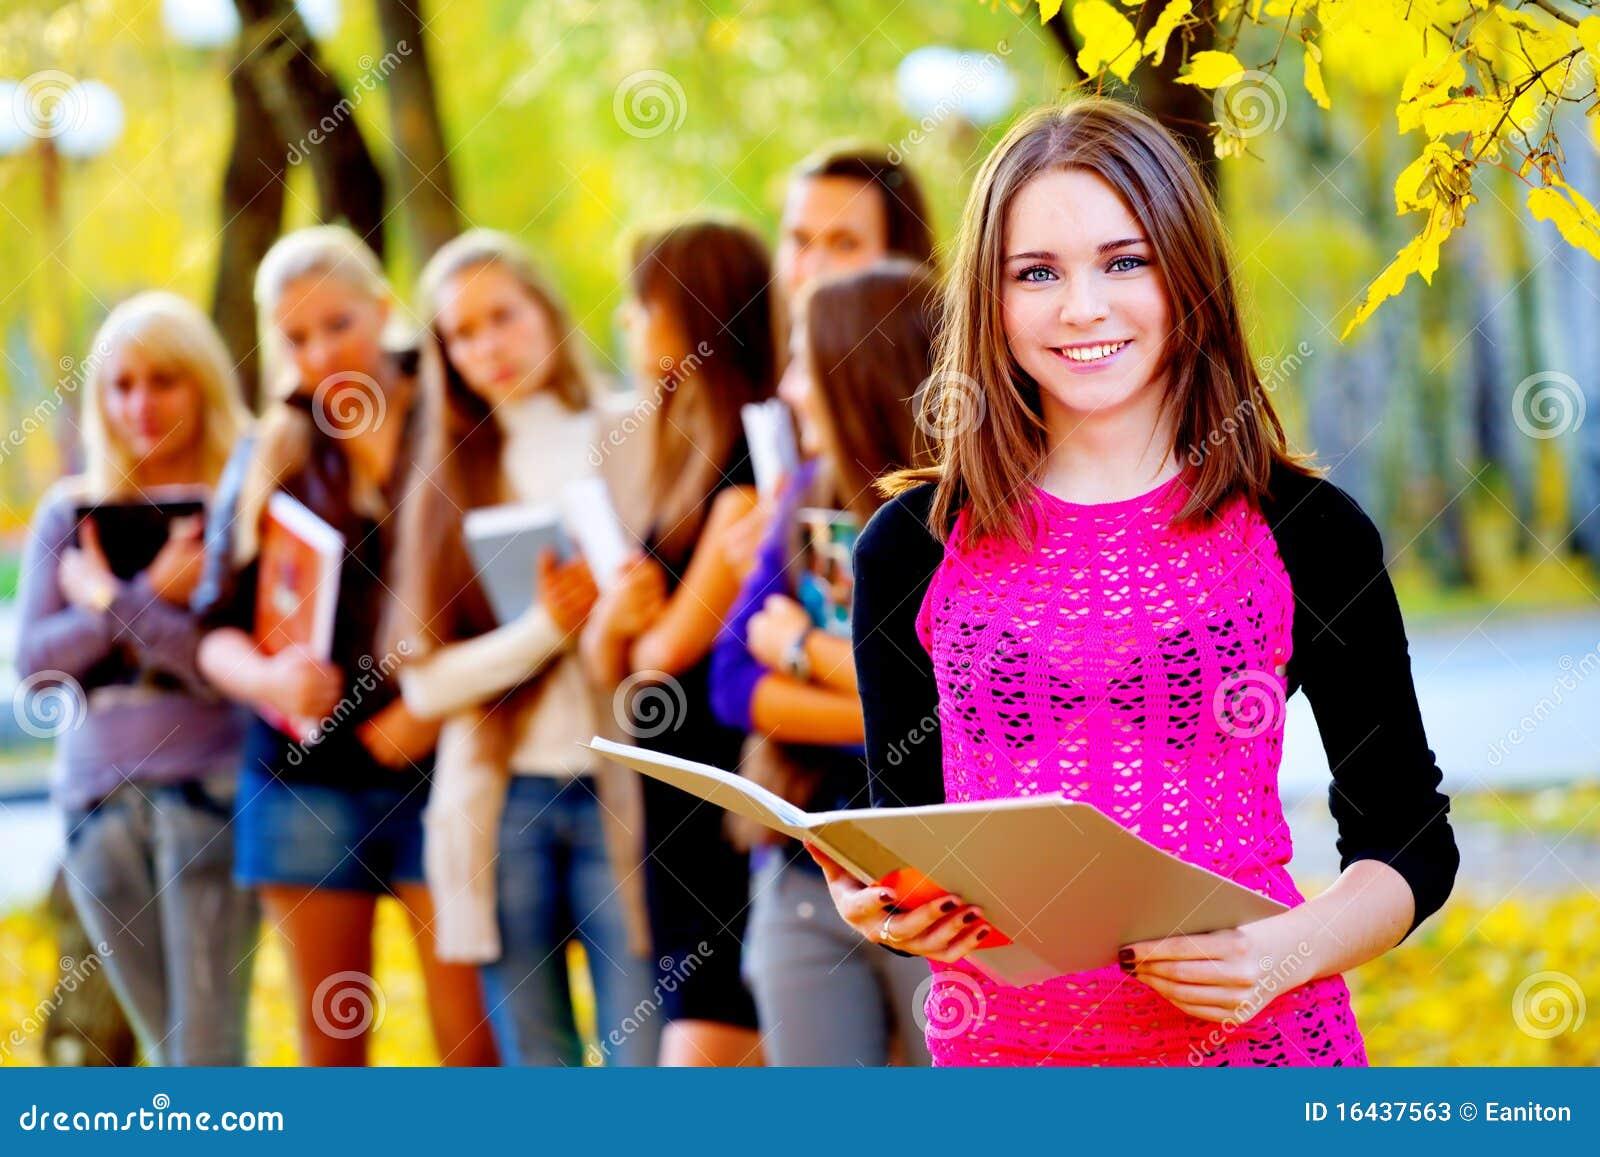 Картинки осень студенты